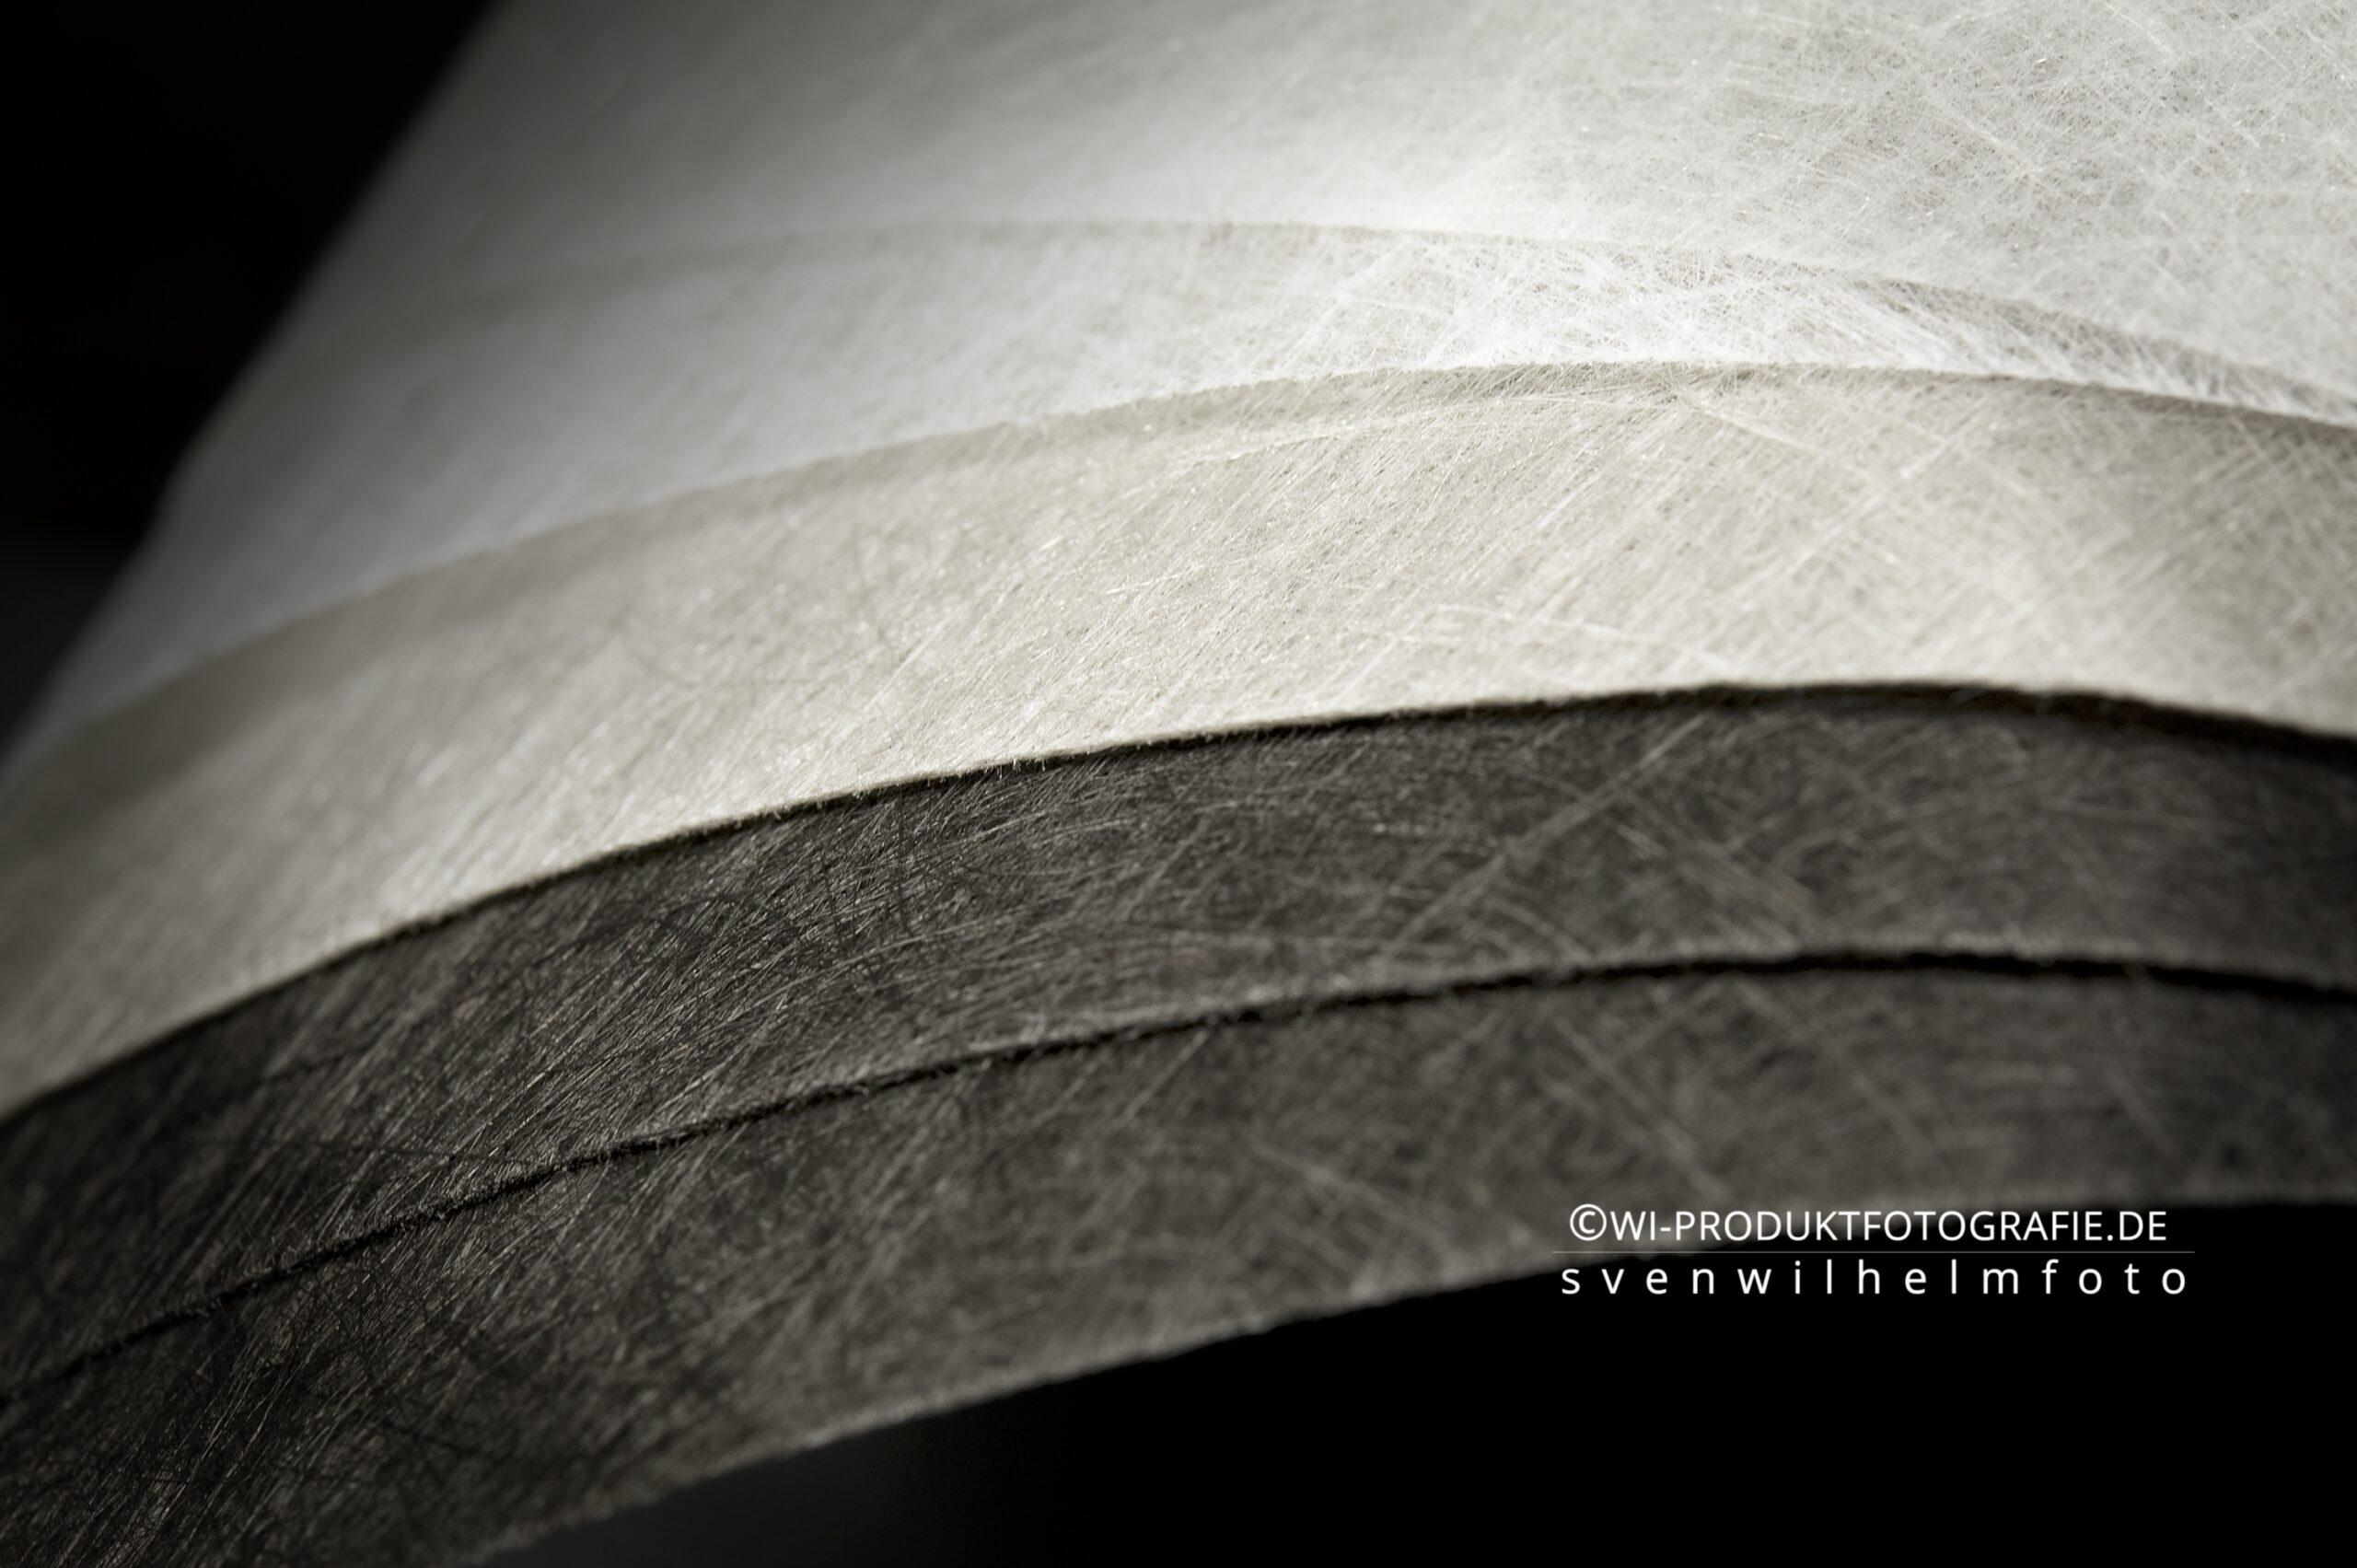 Das Produktfoto Produktfotografie Vliessstoffe Industrie Garne Fasern